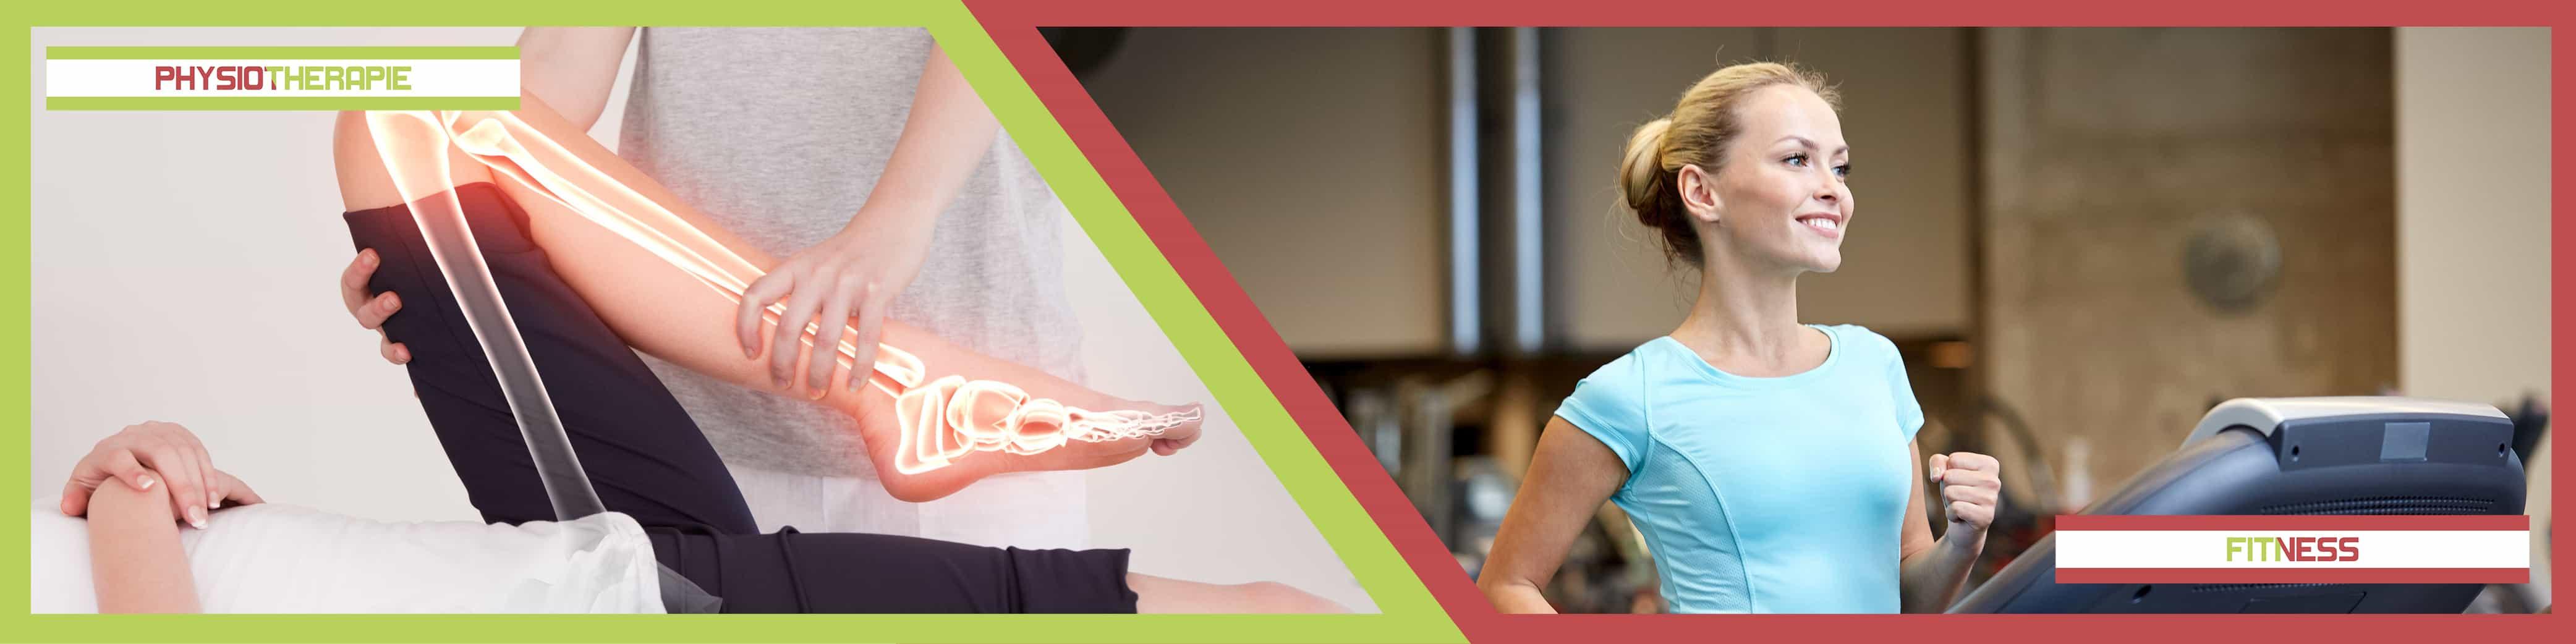 Physiotherapie und Fitnessstudio Startbild